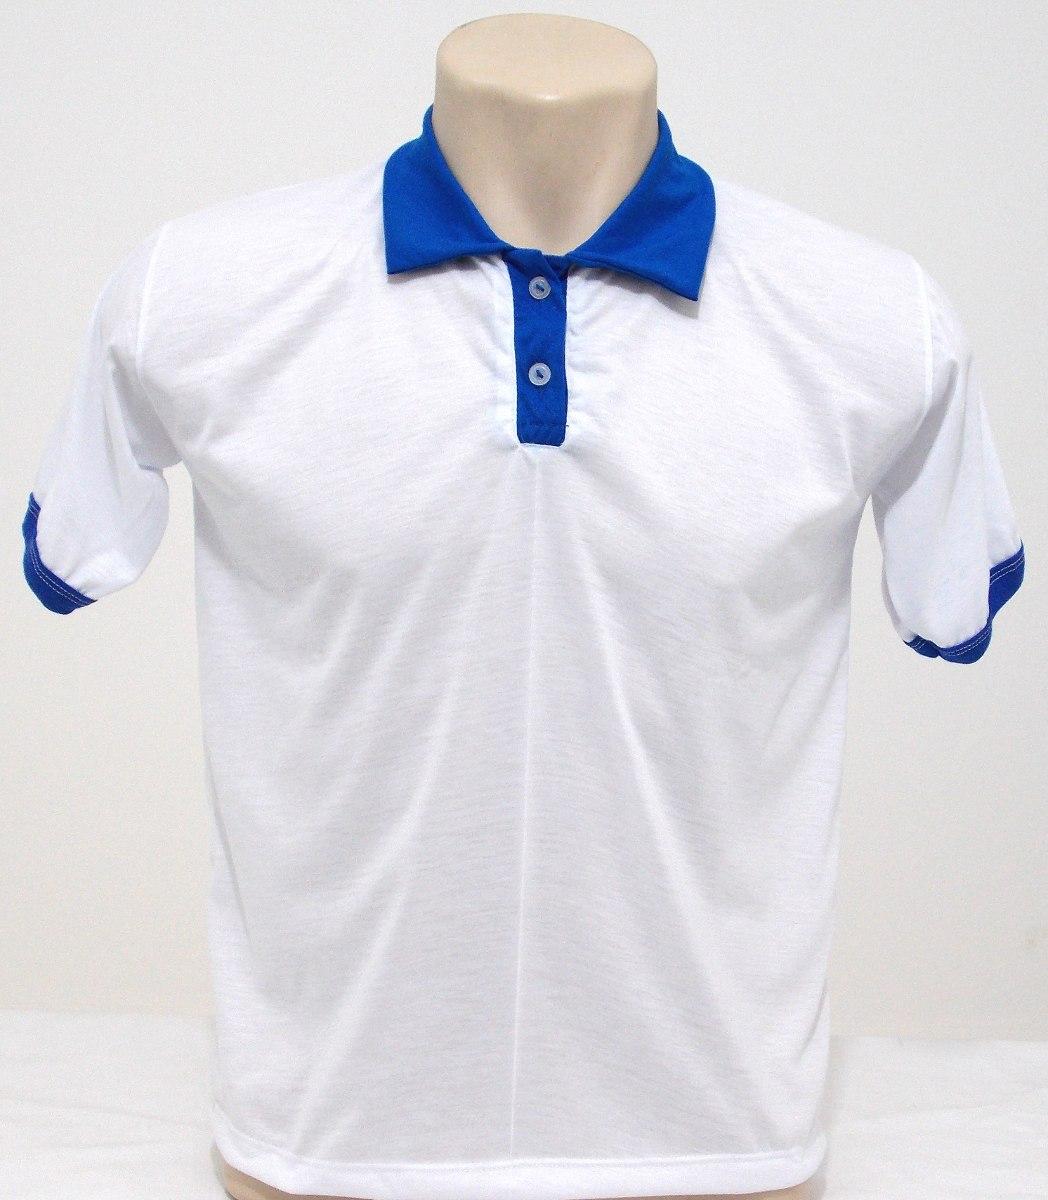 d6f782ecb Kit 20 Camisas Polo Branca Para Sublimação - Masc fem! - R  398